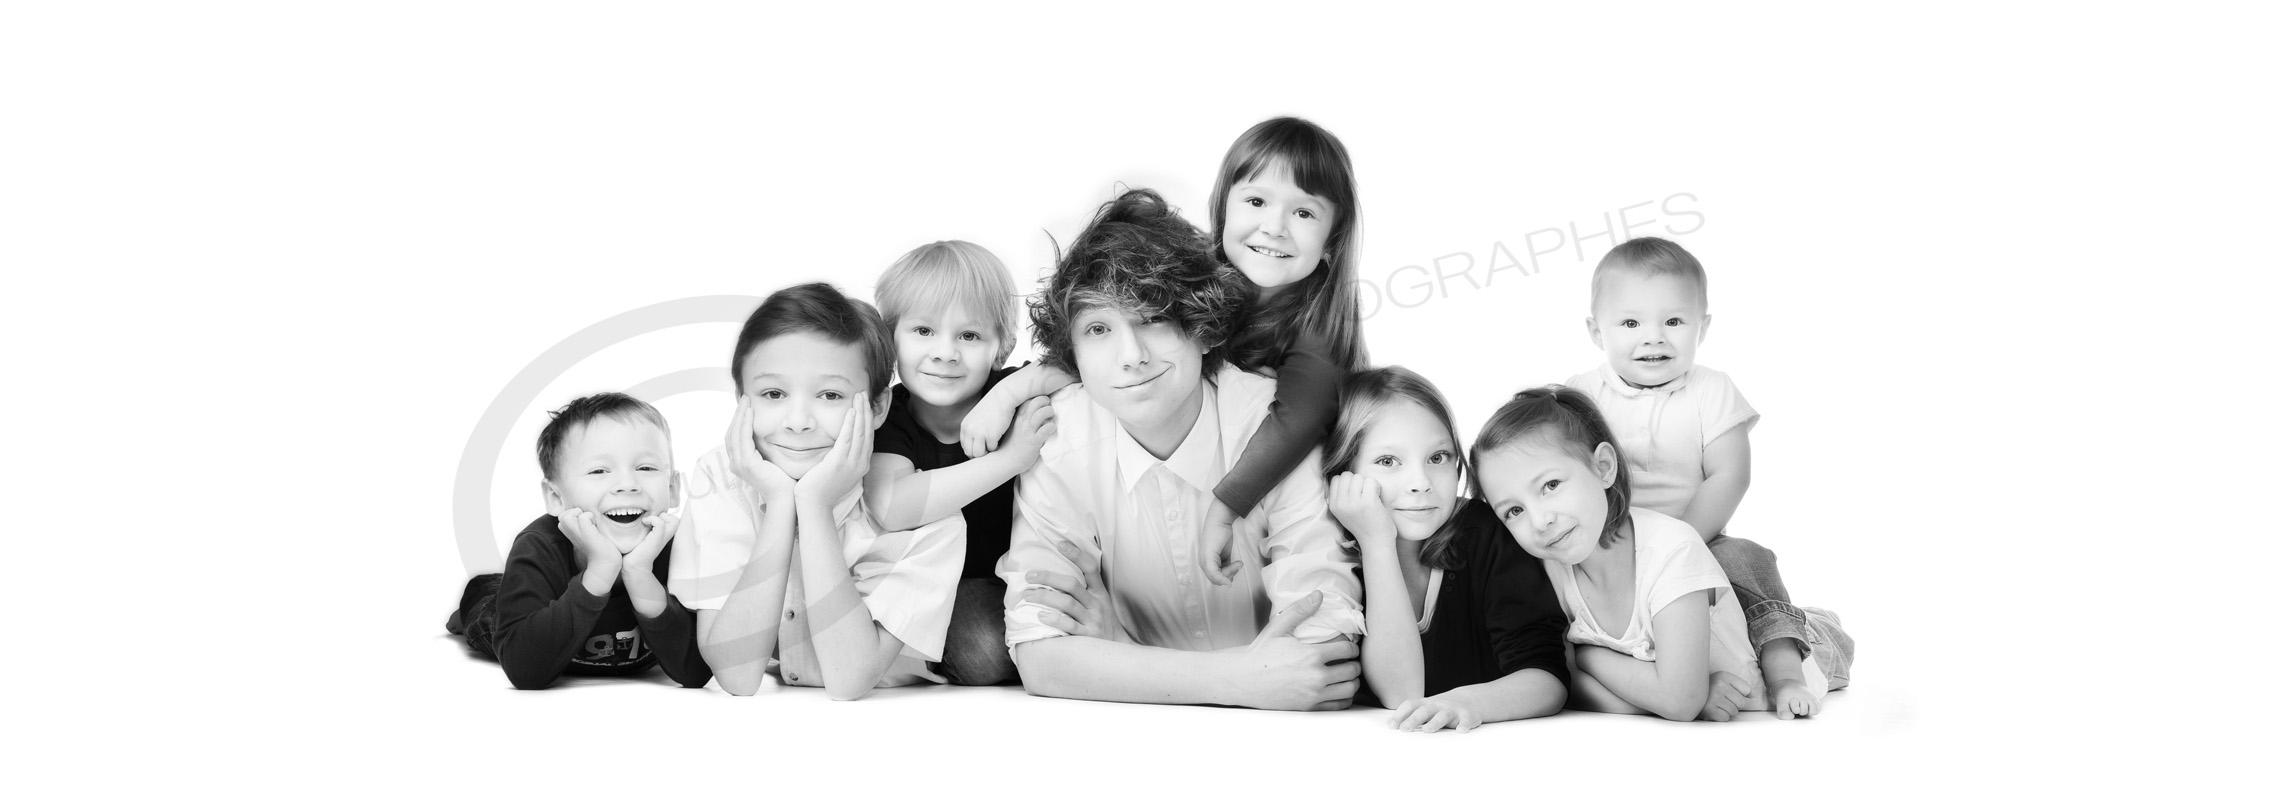 photo de famille avec des enfants : bande de cousin. Photographe à Mulhouse, Wittenheim.